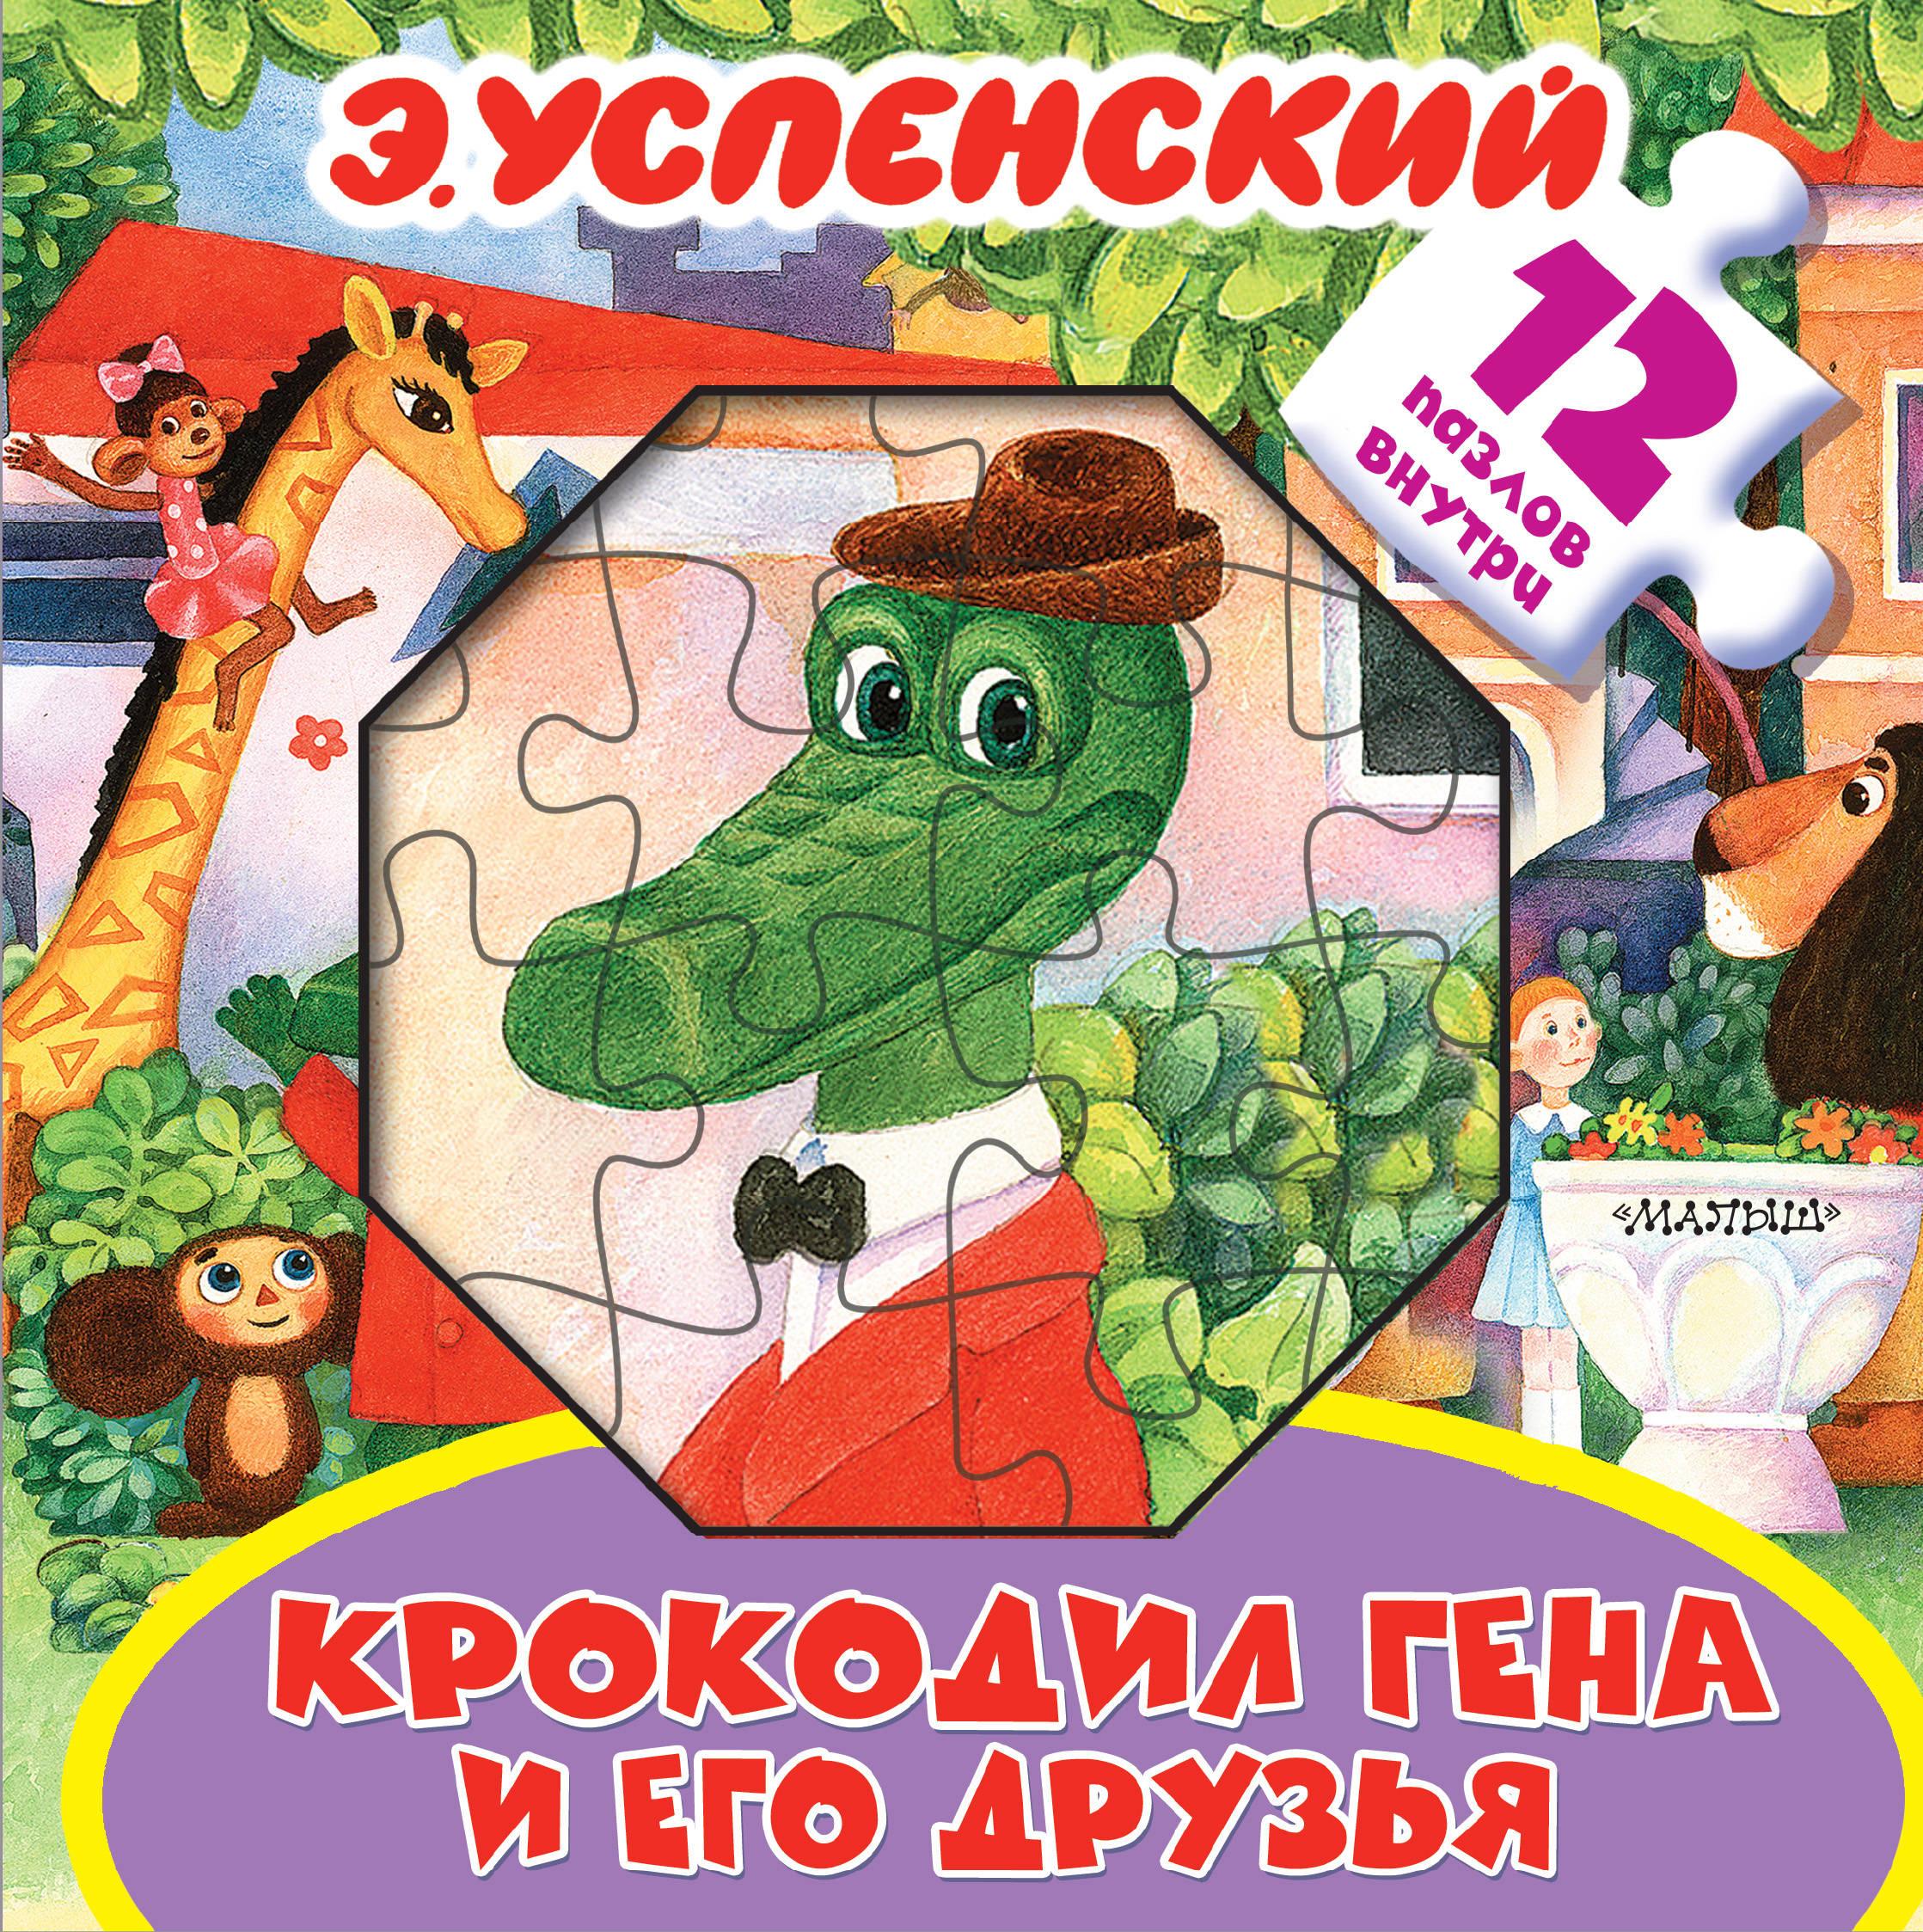 Картинки крокодил гена и его друзья, смайликов